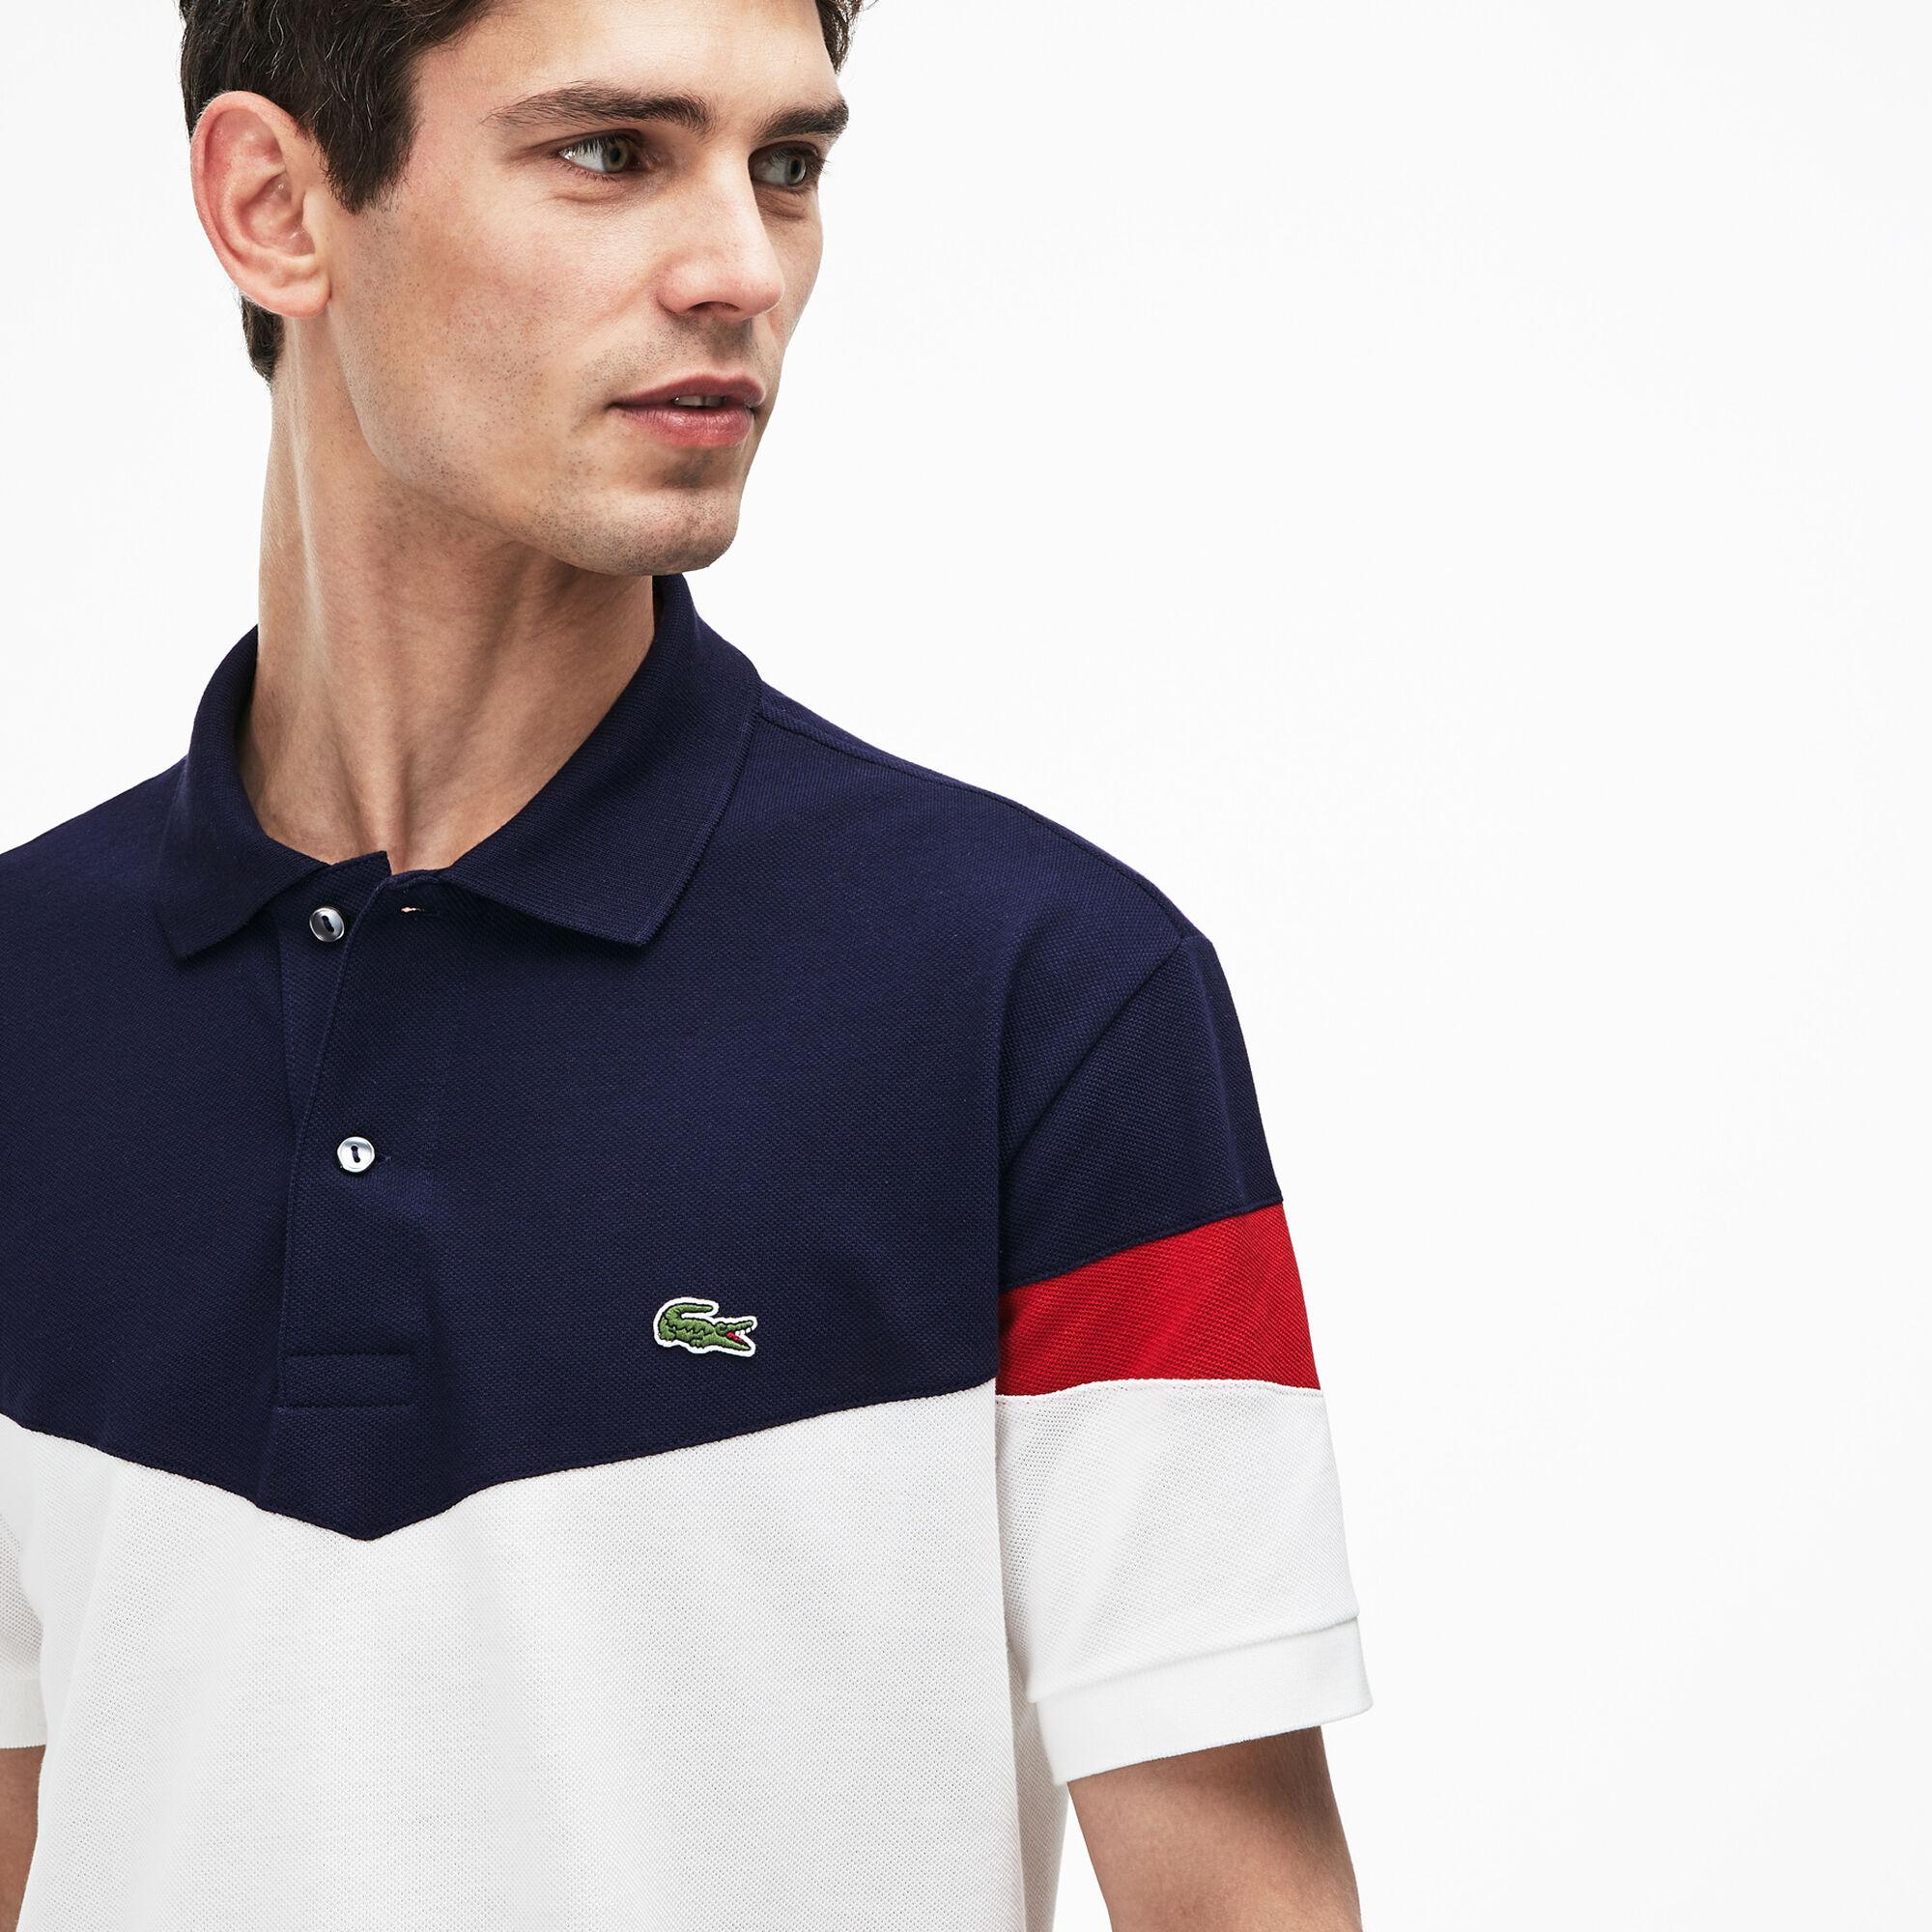 Men's Lacoste Classic Fit Colourblock Cotton Petit Piqué Polo Shirt